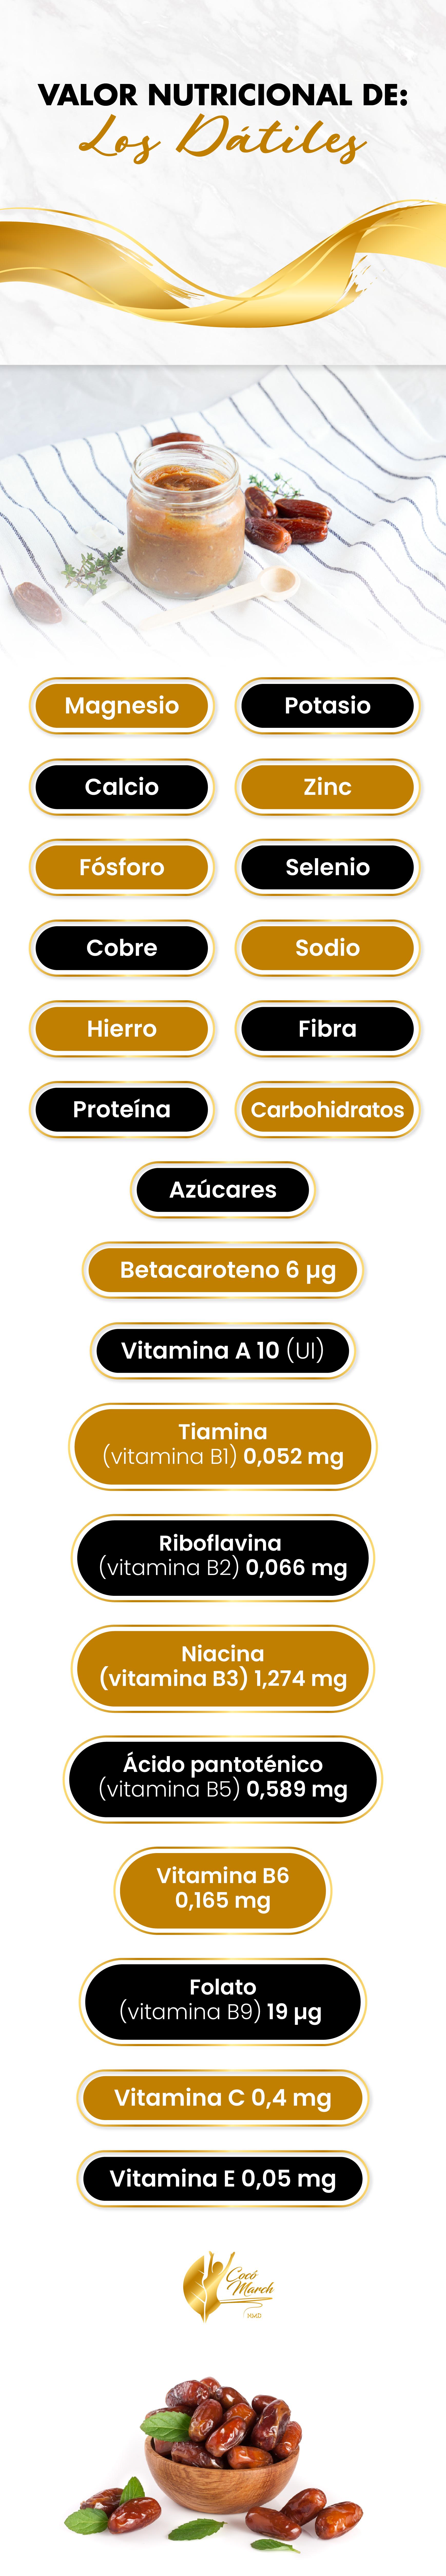 valor-nutricional-de-los-datiles